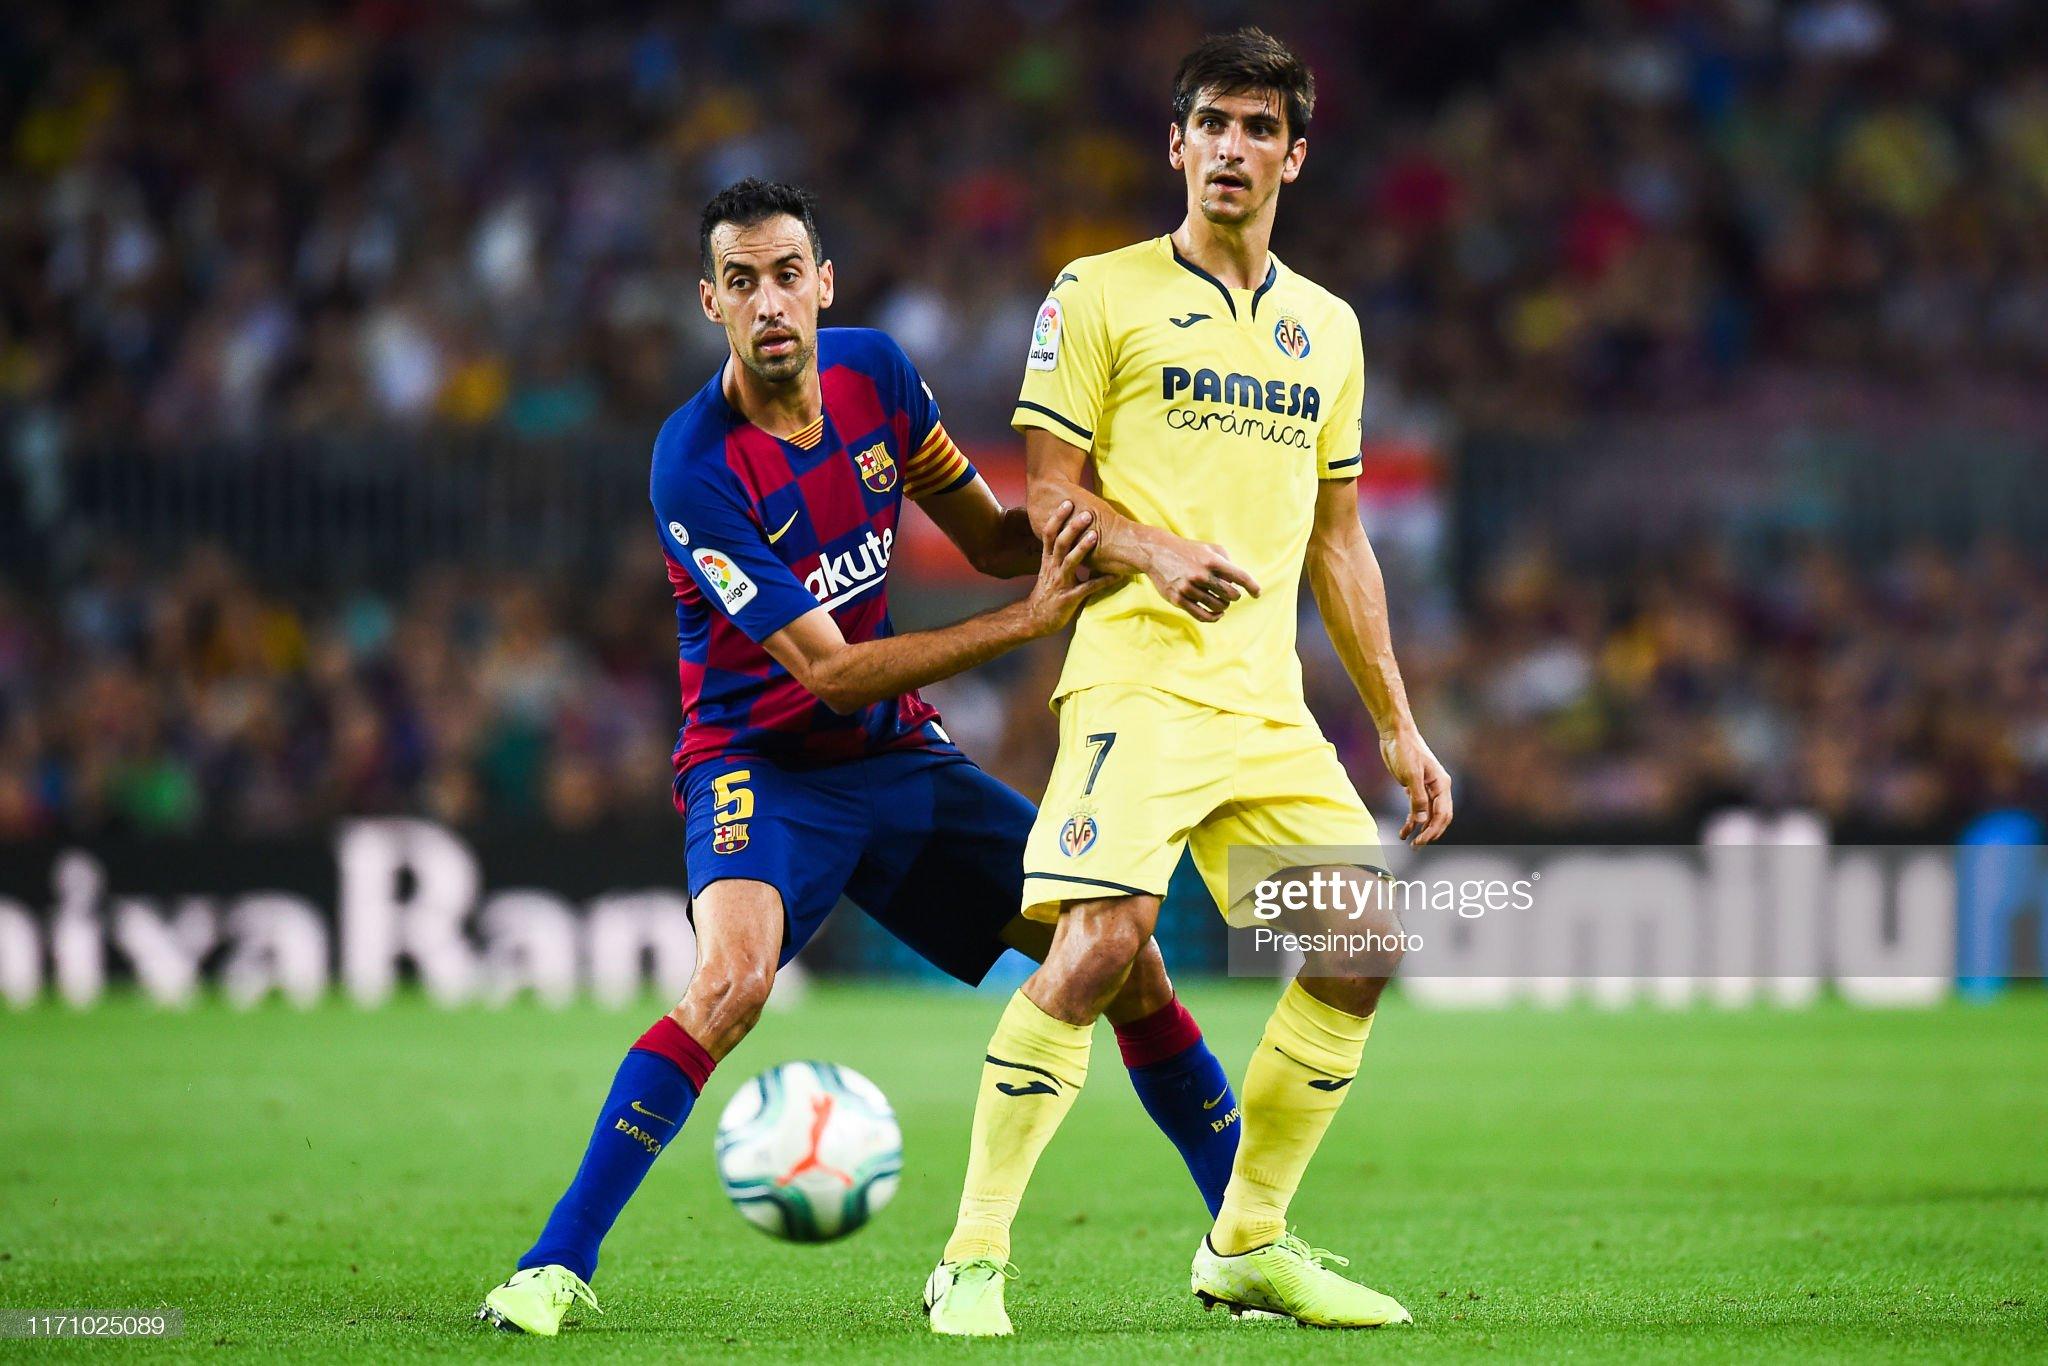 صور مباراة : برشلونة - فياريال 2-1 ( 24-09-2019 )  Sergio-busquets-of-fc-barcelona-and-gerard-moreno-of-villarreal-cf-picture-id1171025089?s=2048x2048